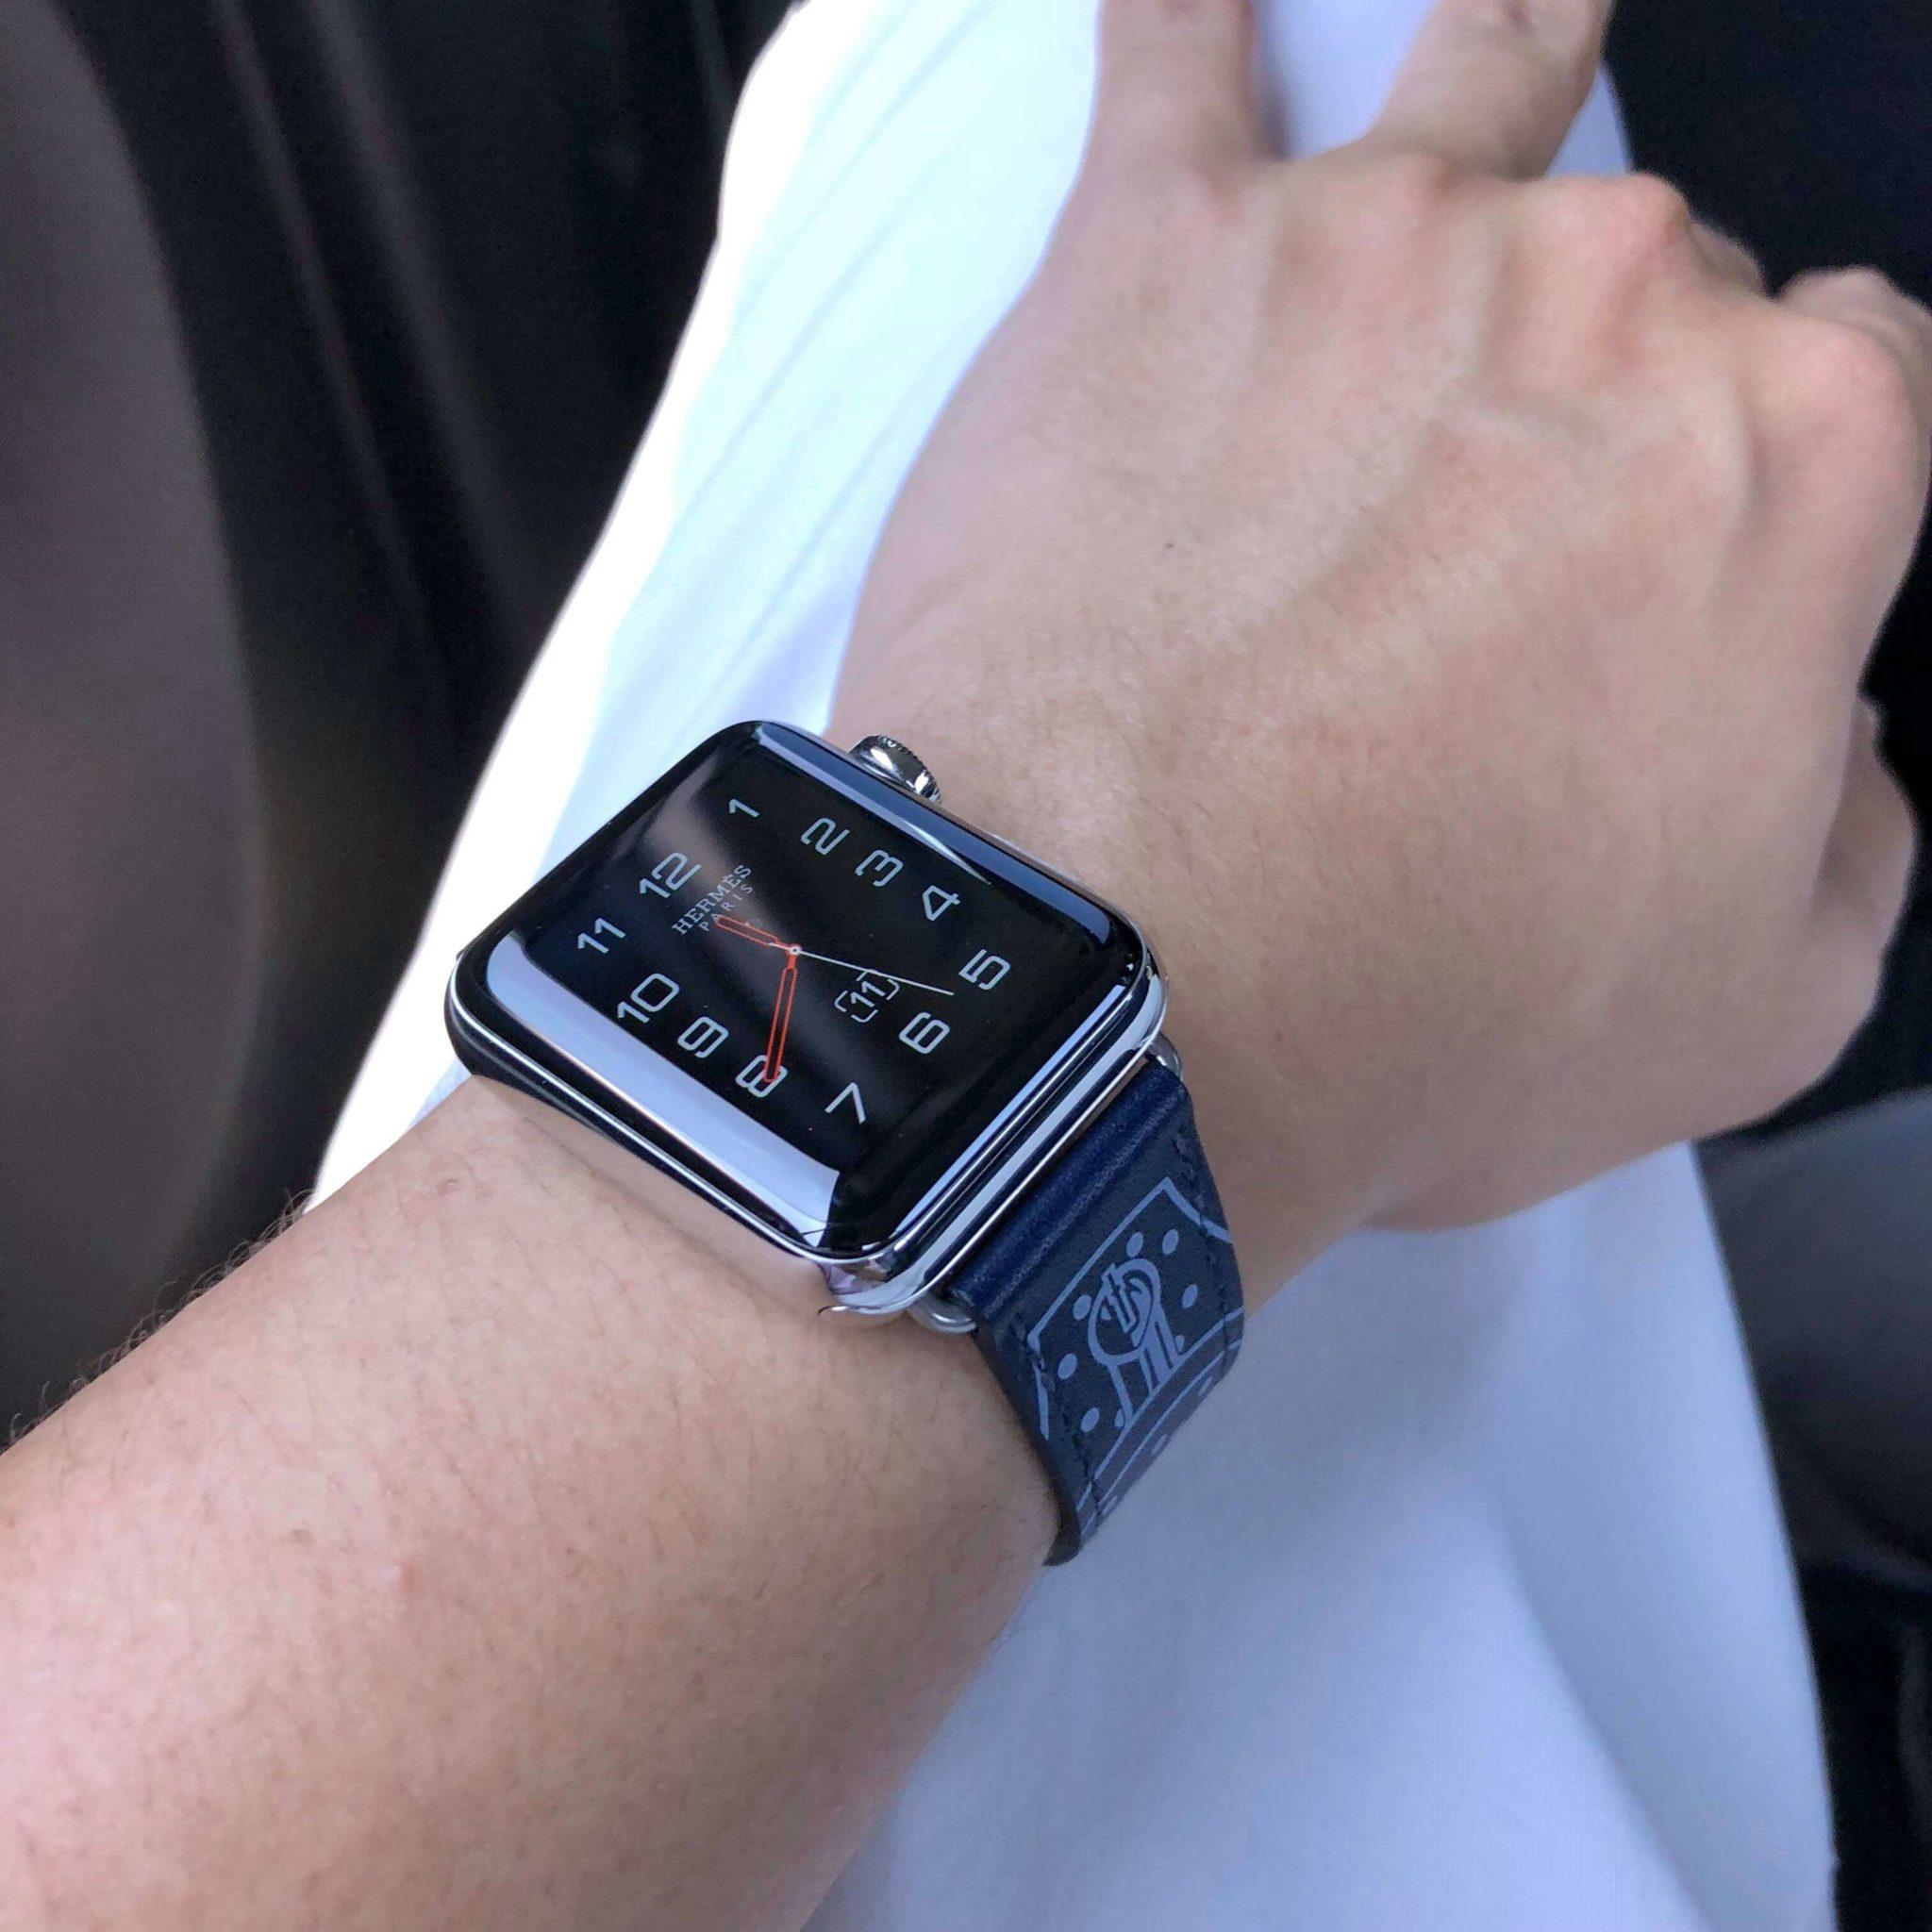 รีวิว Apple Watch LTE นาฬิกาแอปเปิ้ลใหม่ใส่ซิม โทรได้แม้ไร้ iPhone 28 - Smart Home